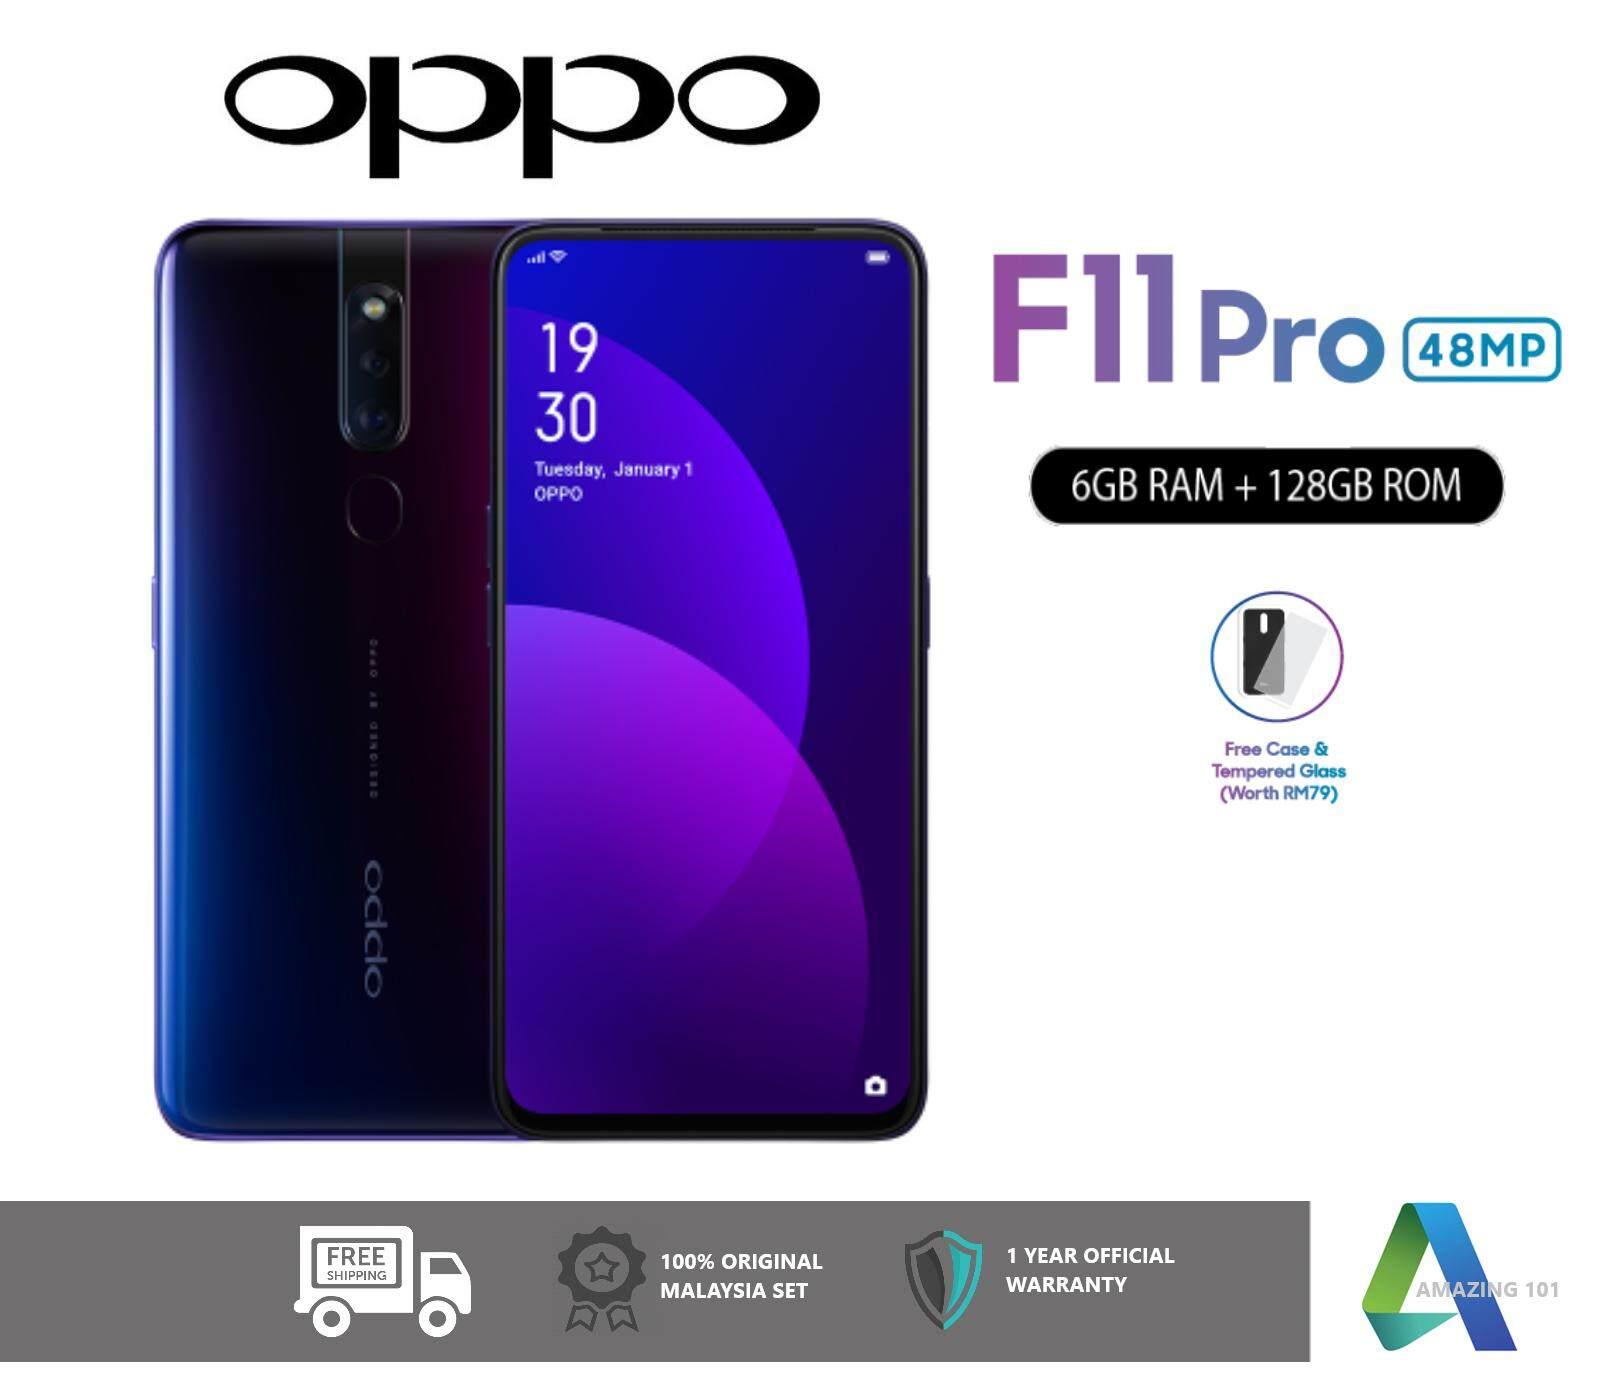 OPPO F11 Pro 128GB - Brilliant Portrait in Low Light (OPPO MALAYSIA  WARRANTY)